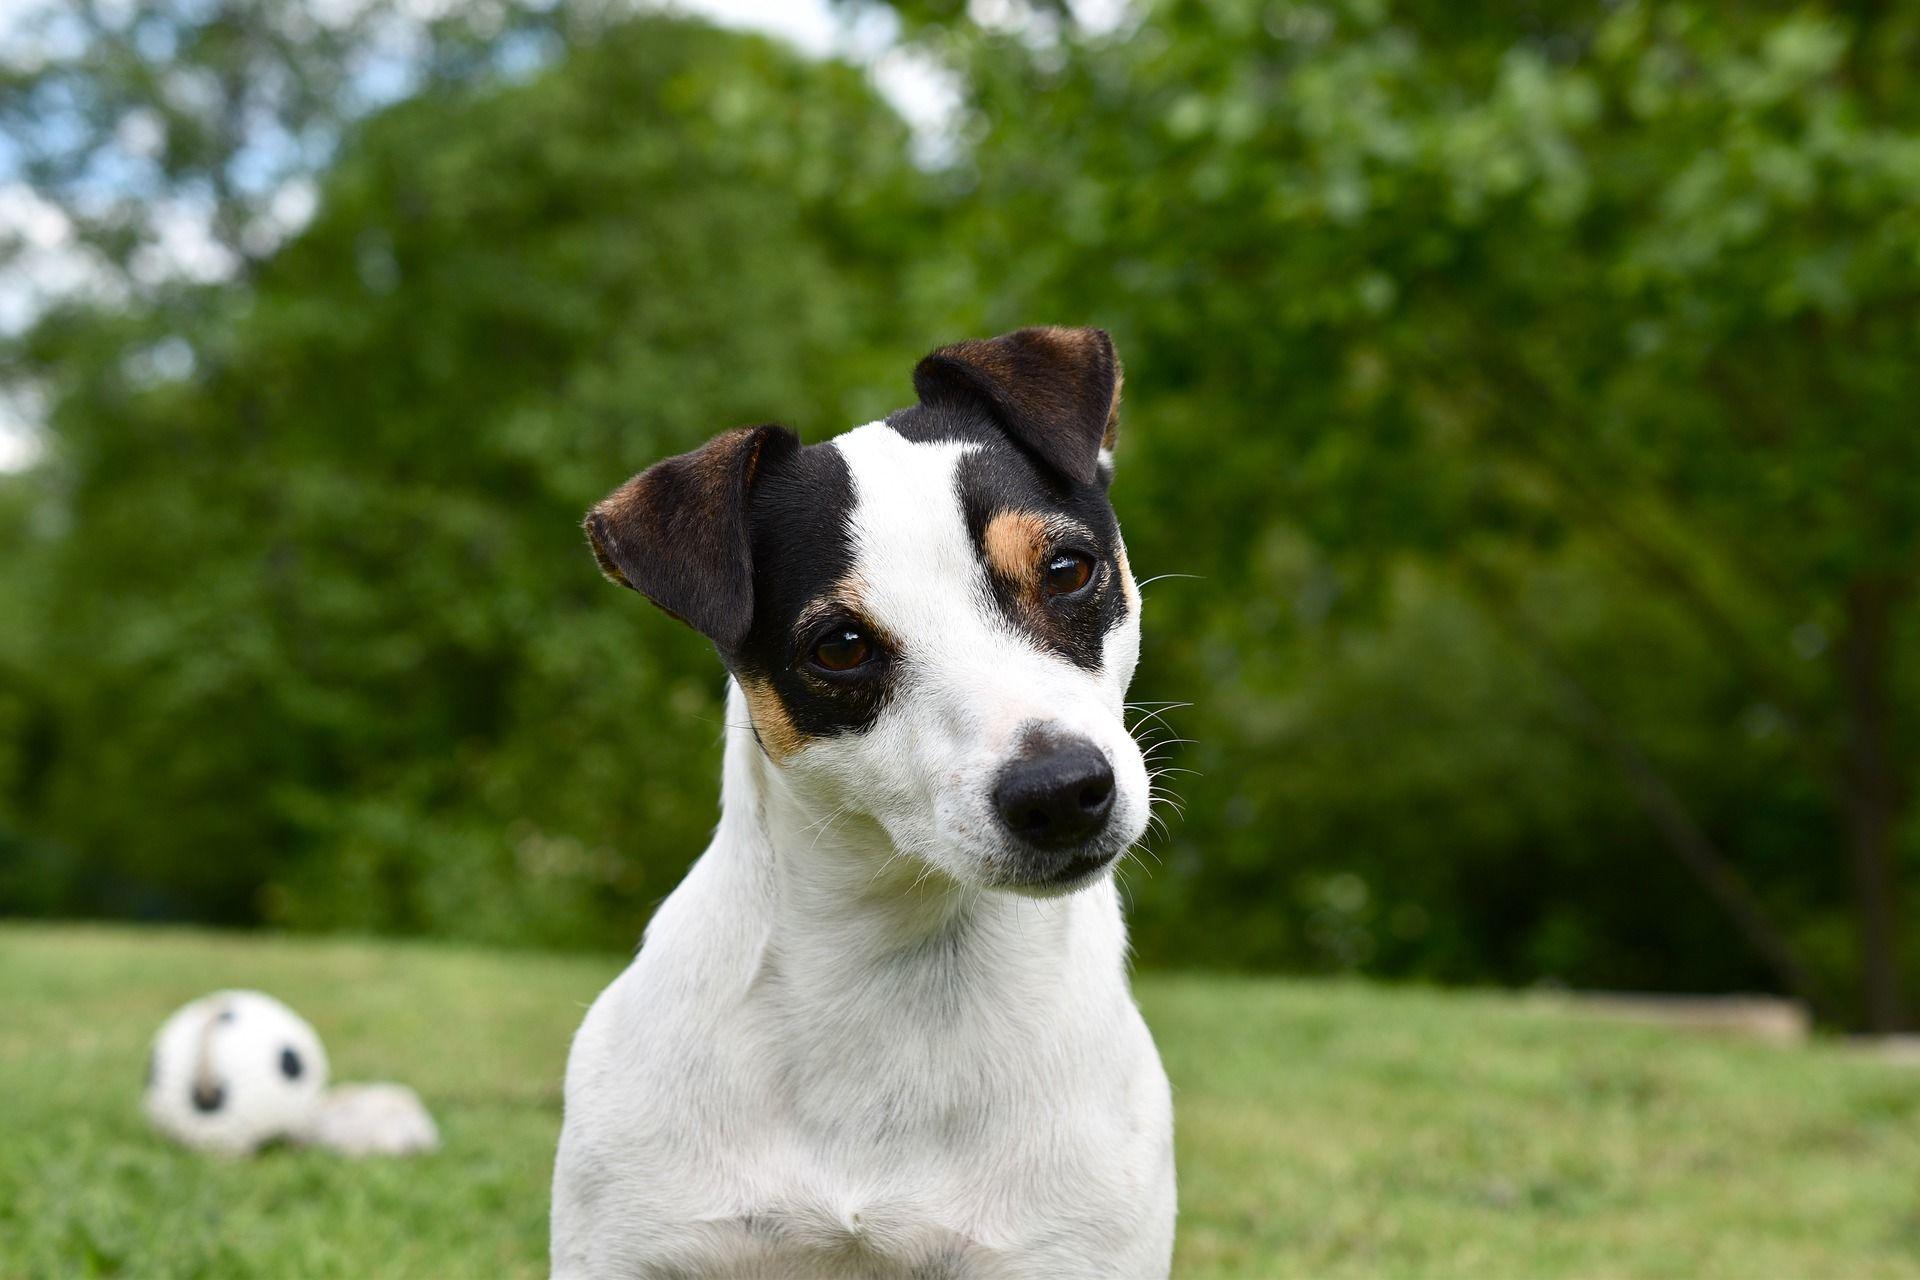 Лучшие фото собаки Джек рассел терьер